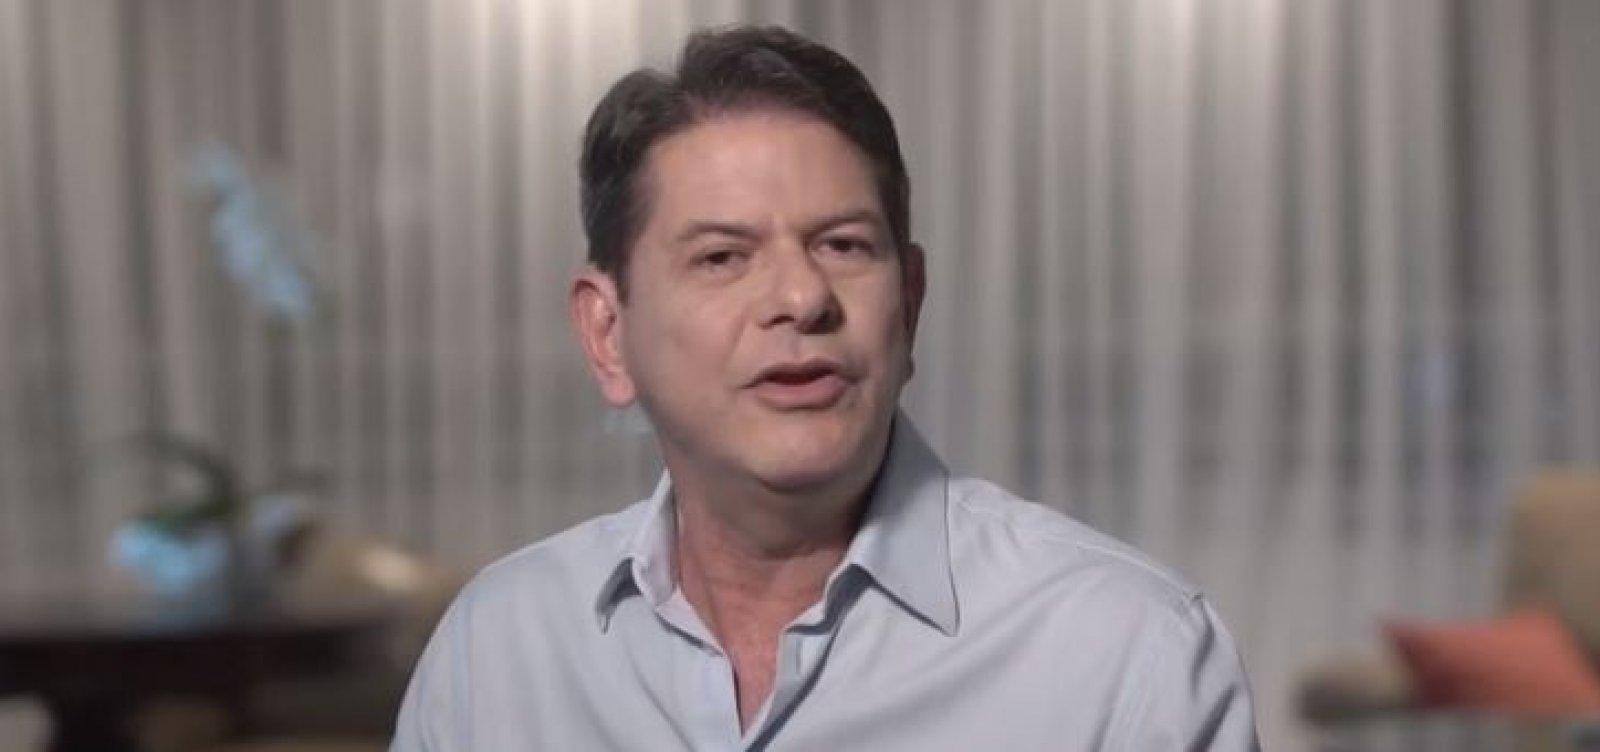 Cid Gomes divulga vídeo em apoio a Haddad: 'É o melhor para o Brasil'